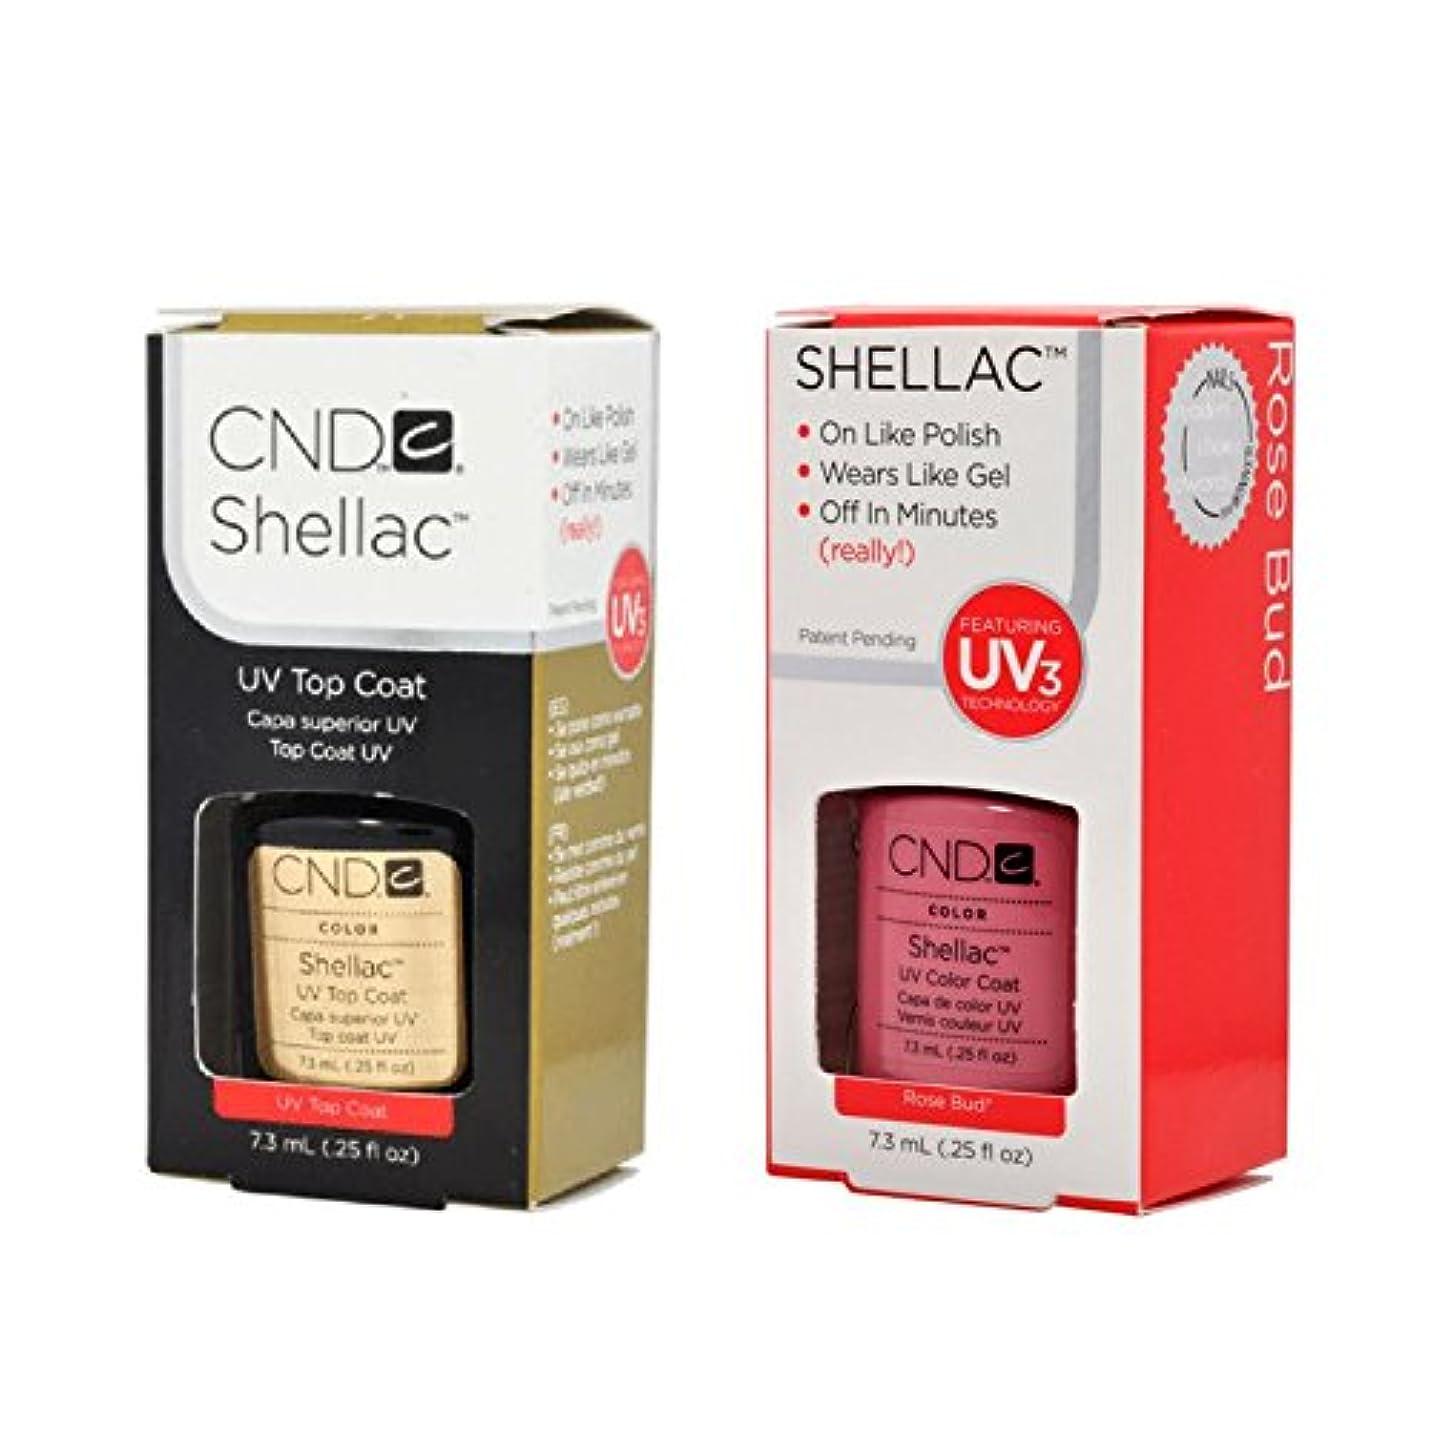 赤ミケランジェロ手錠CND Shellac UVトップコート 7.3m l  &  UV カラーコー< Rose Bud>7.3ml [海外直送品]